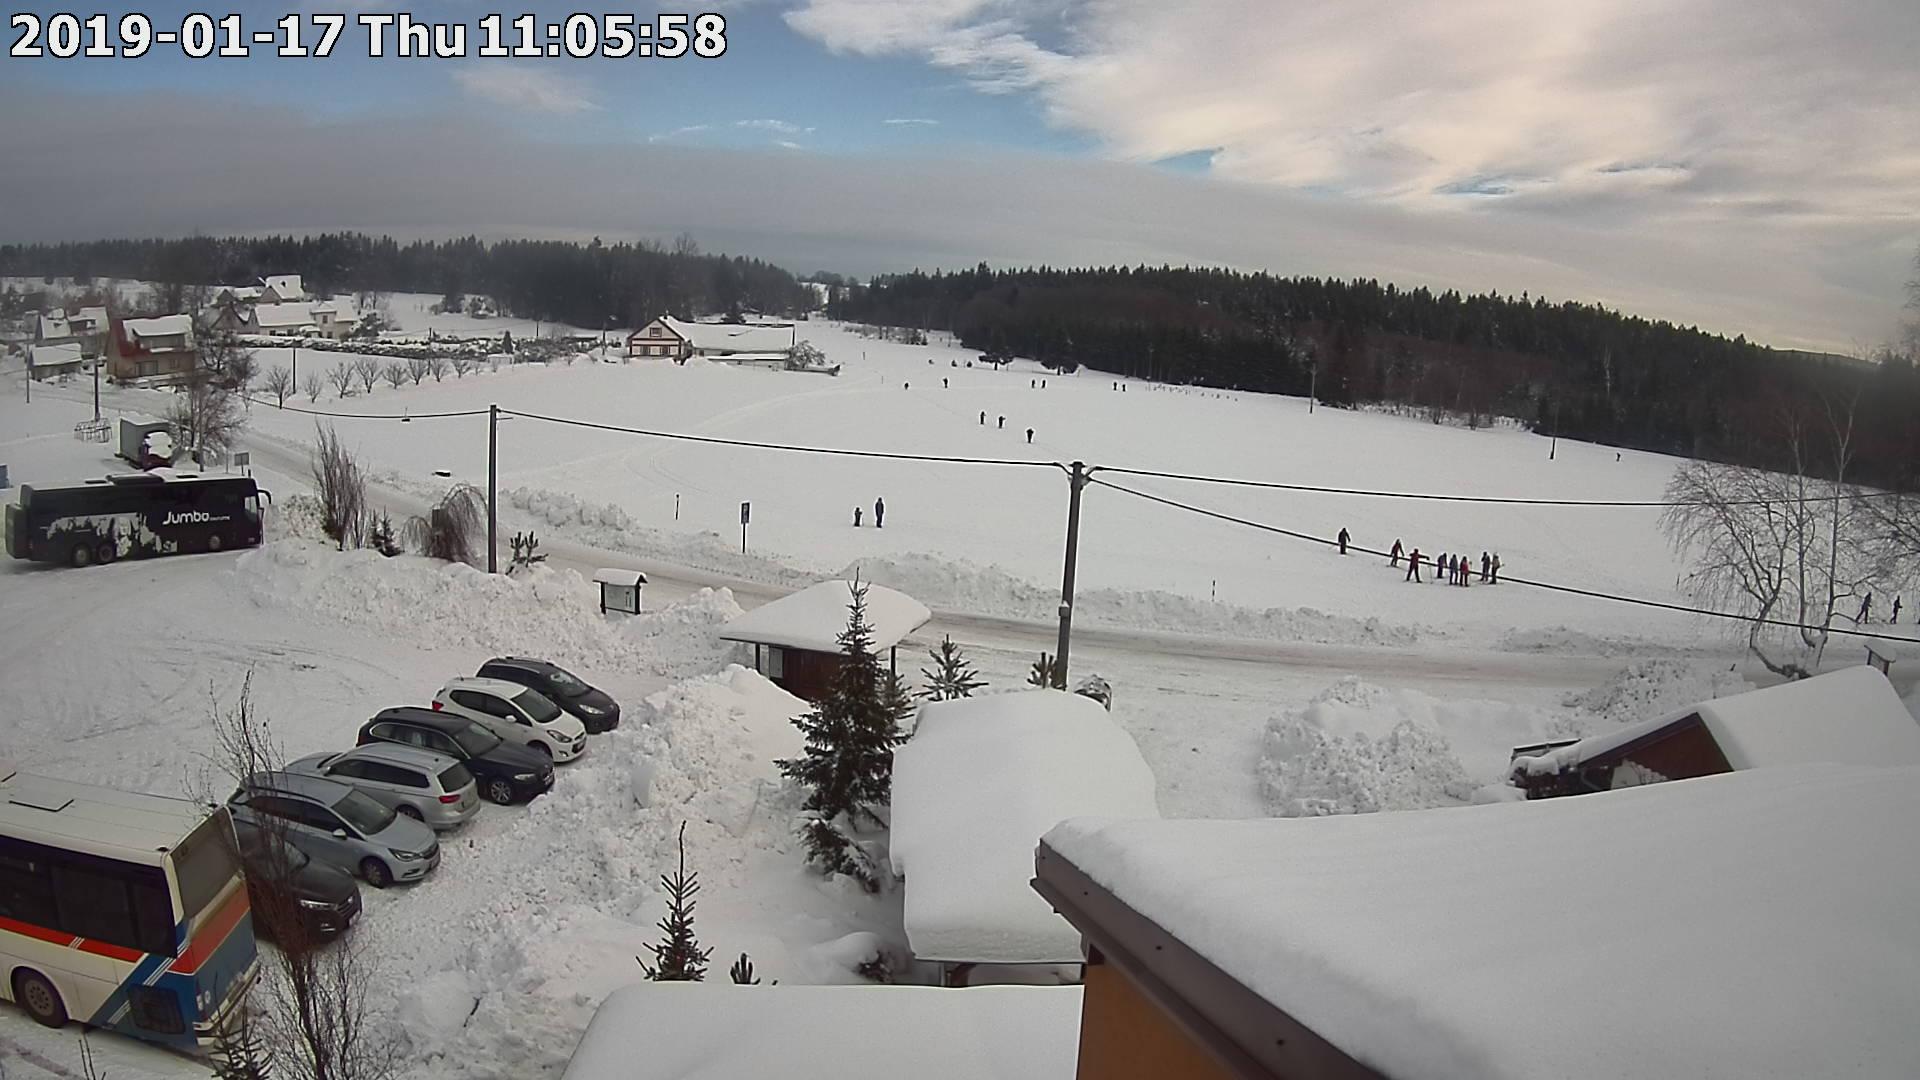 Webkamera ze dne 2019-01-17